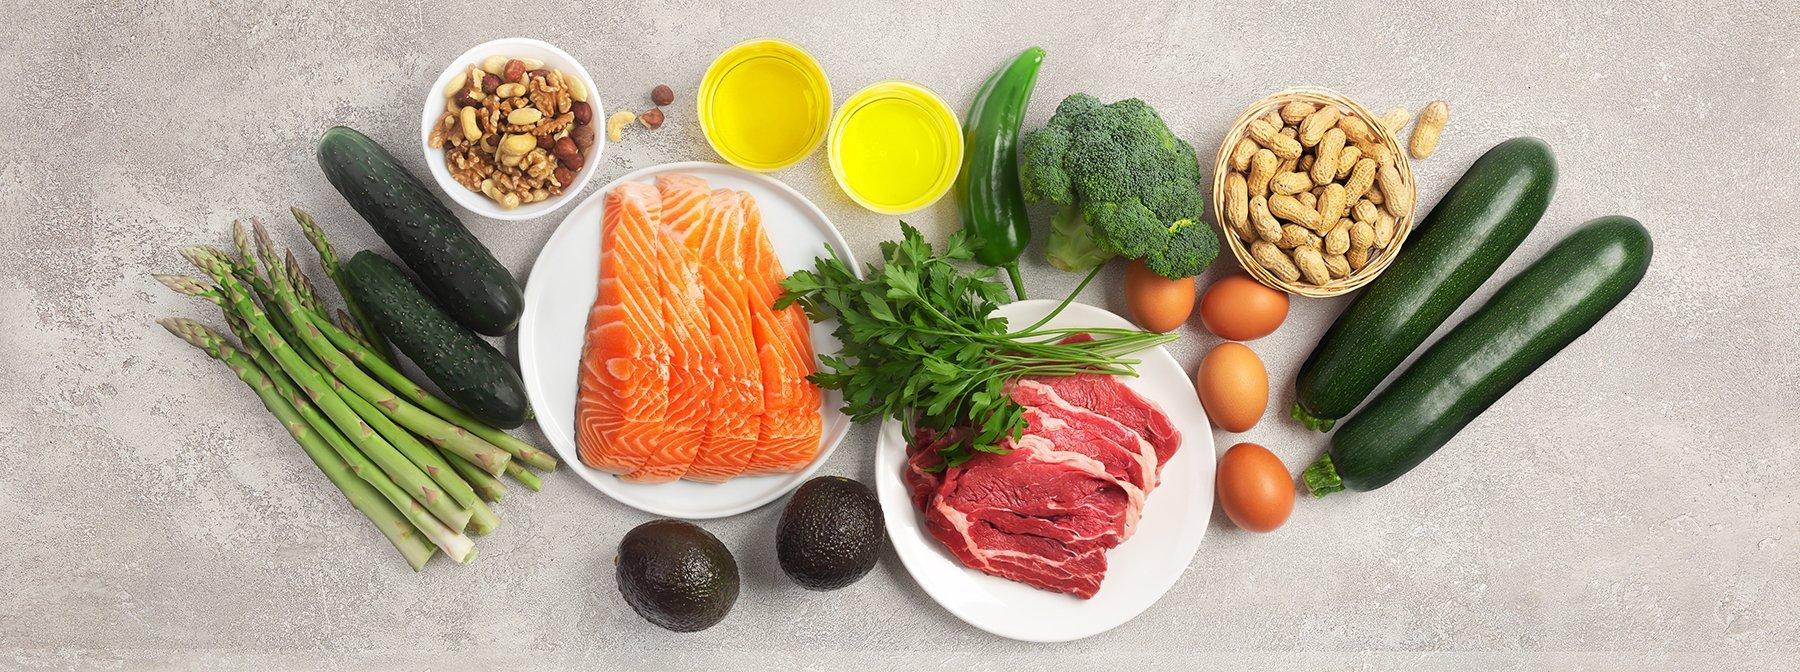 Jak budovat svaly na keto dietě